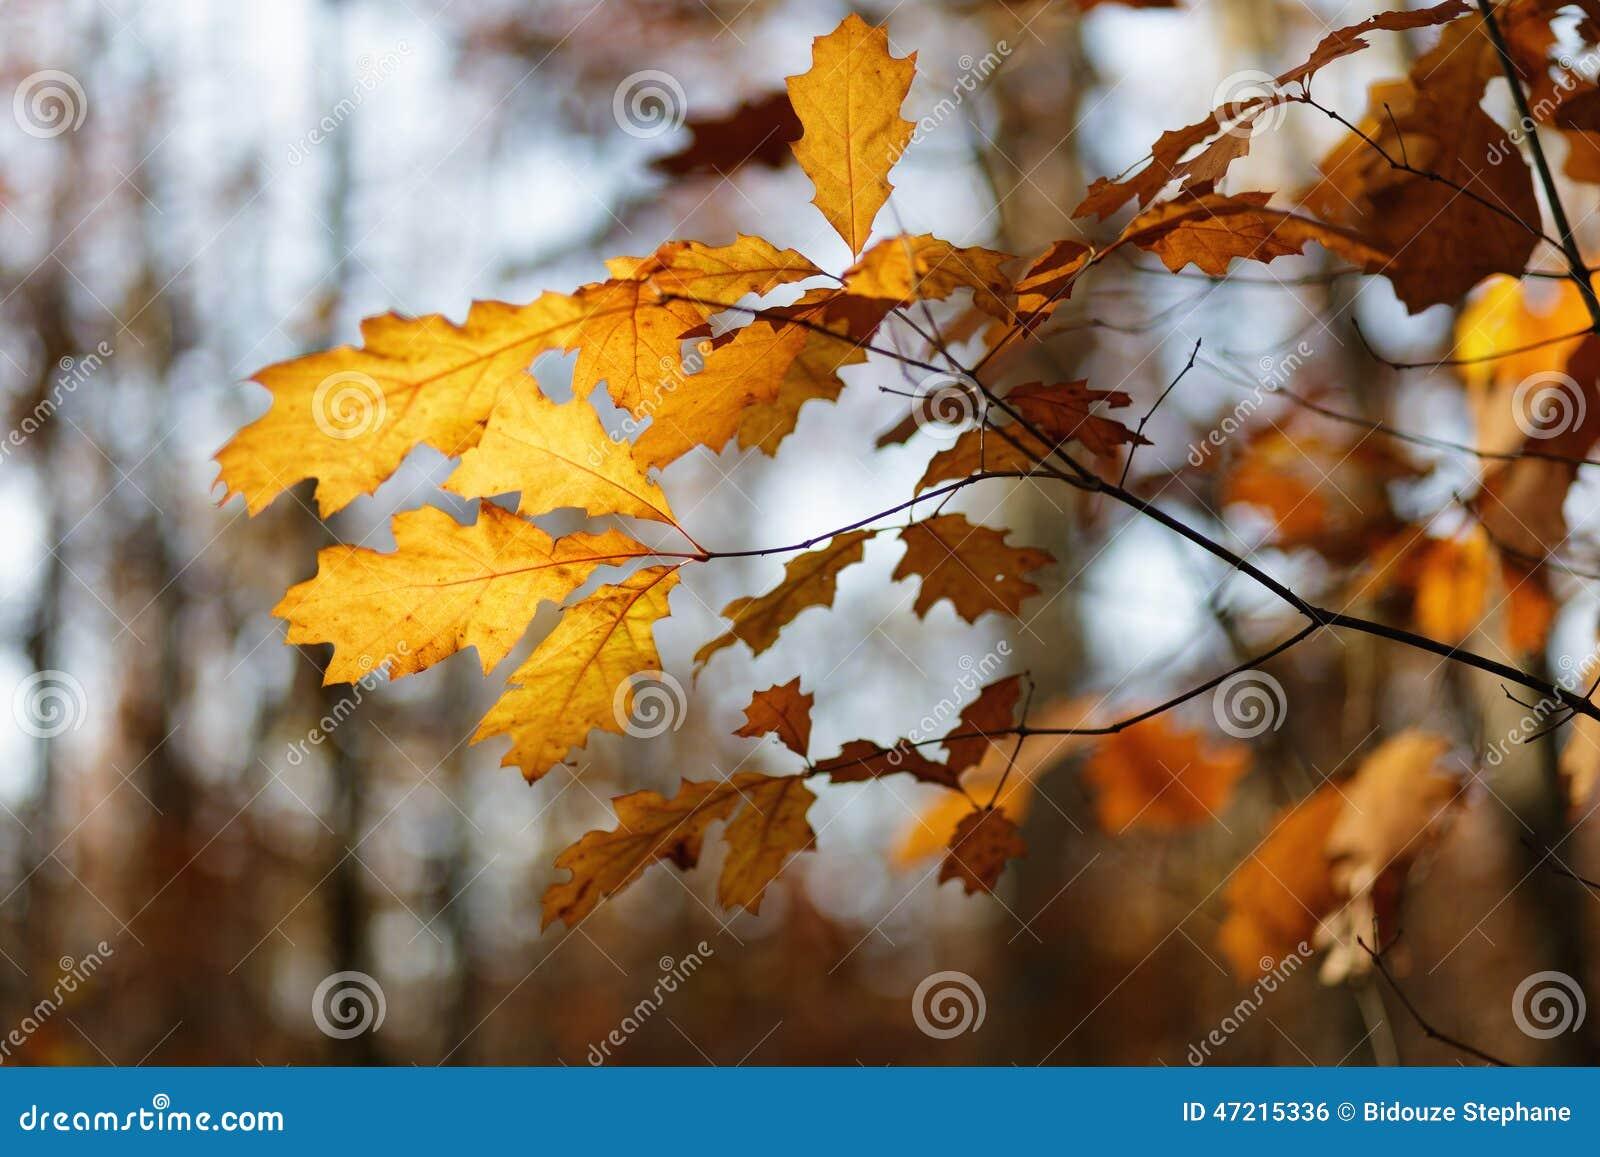 阳光通过橡树叶子